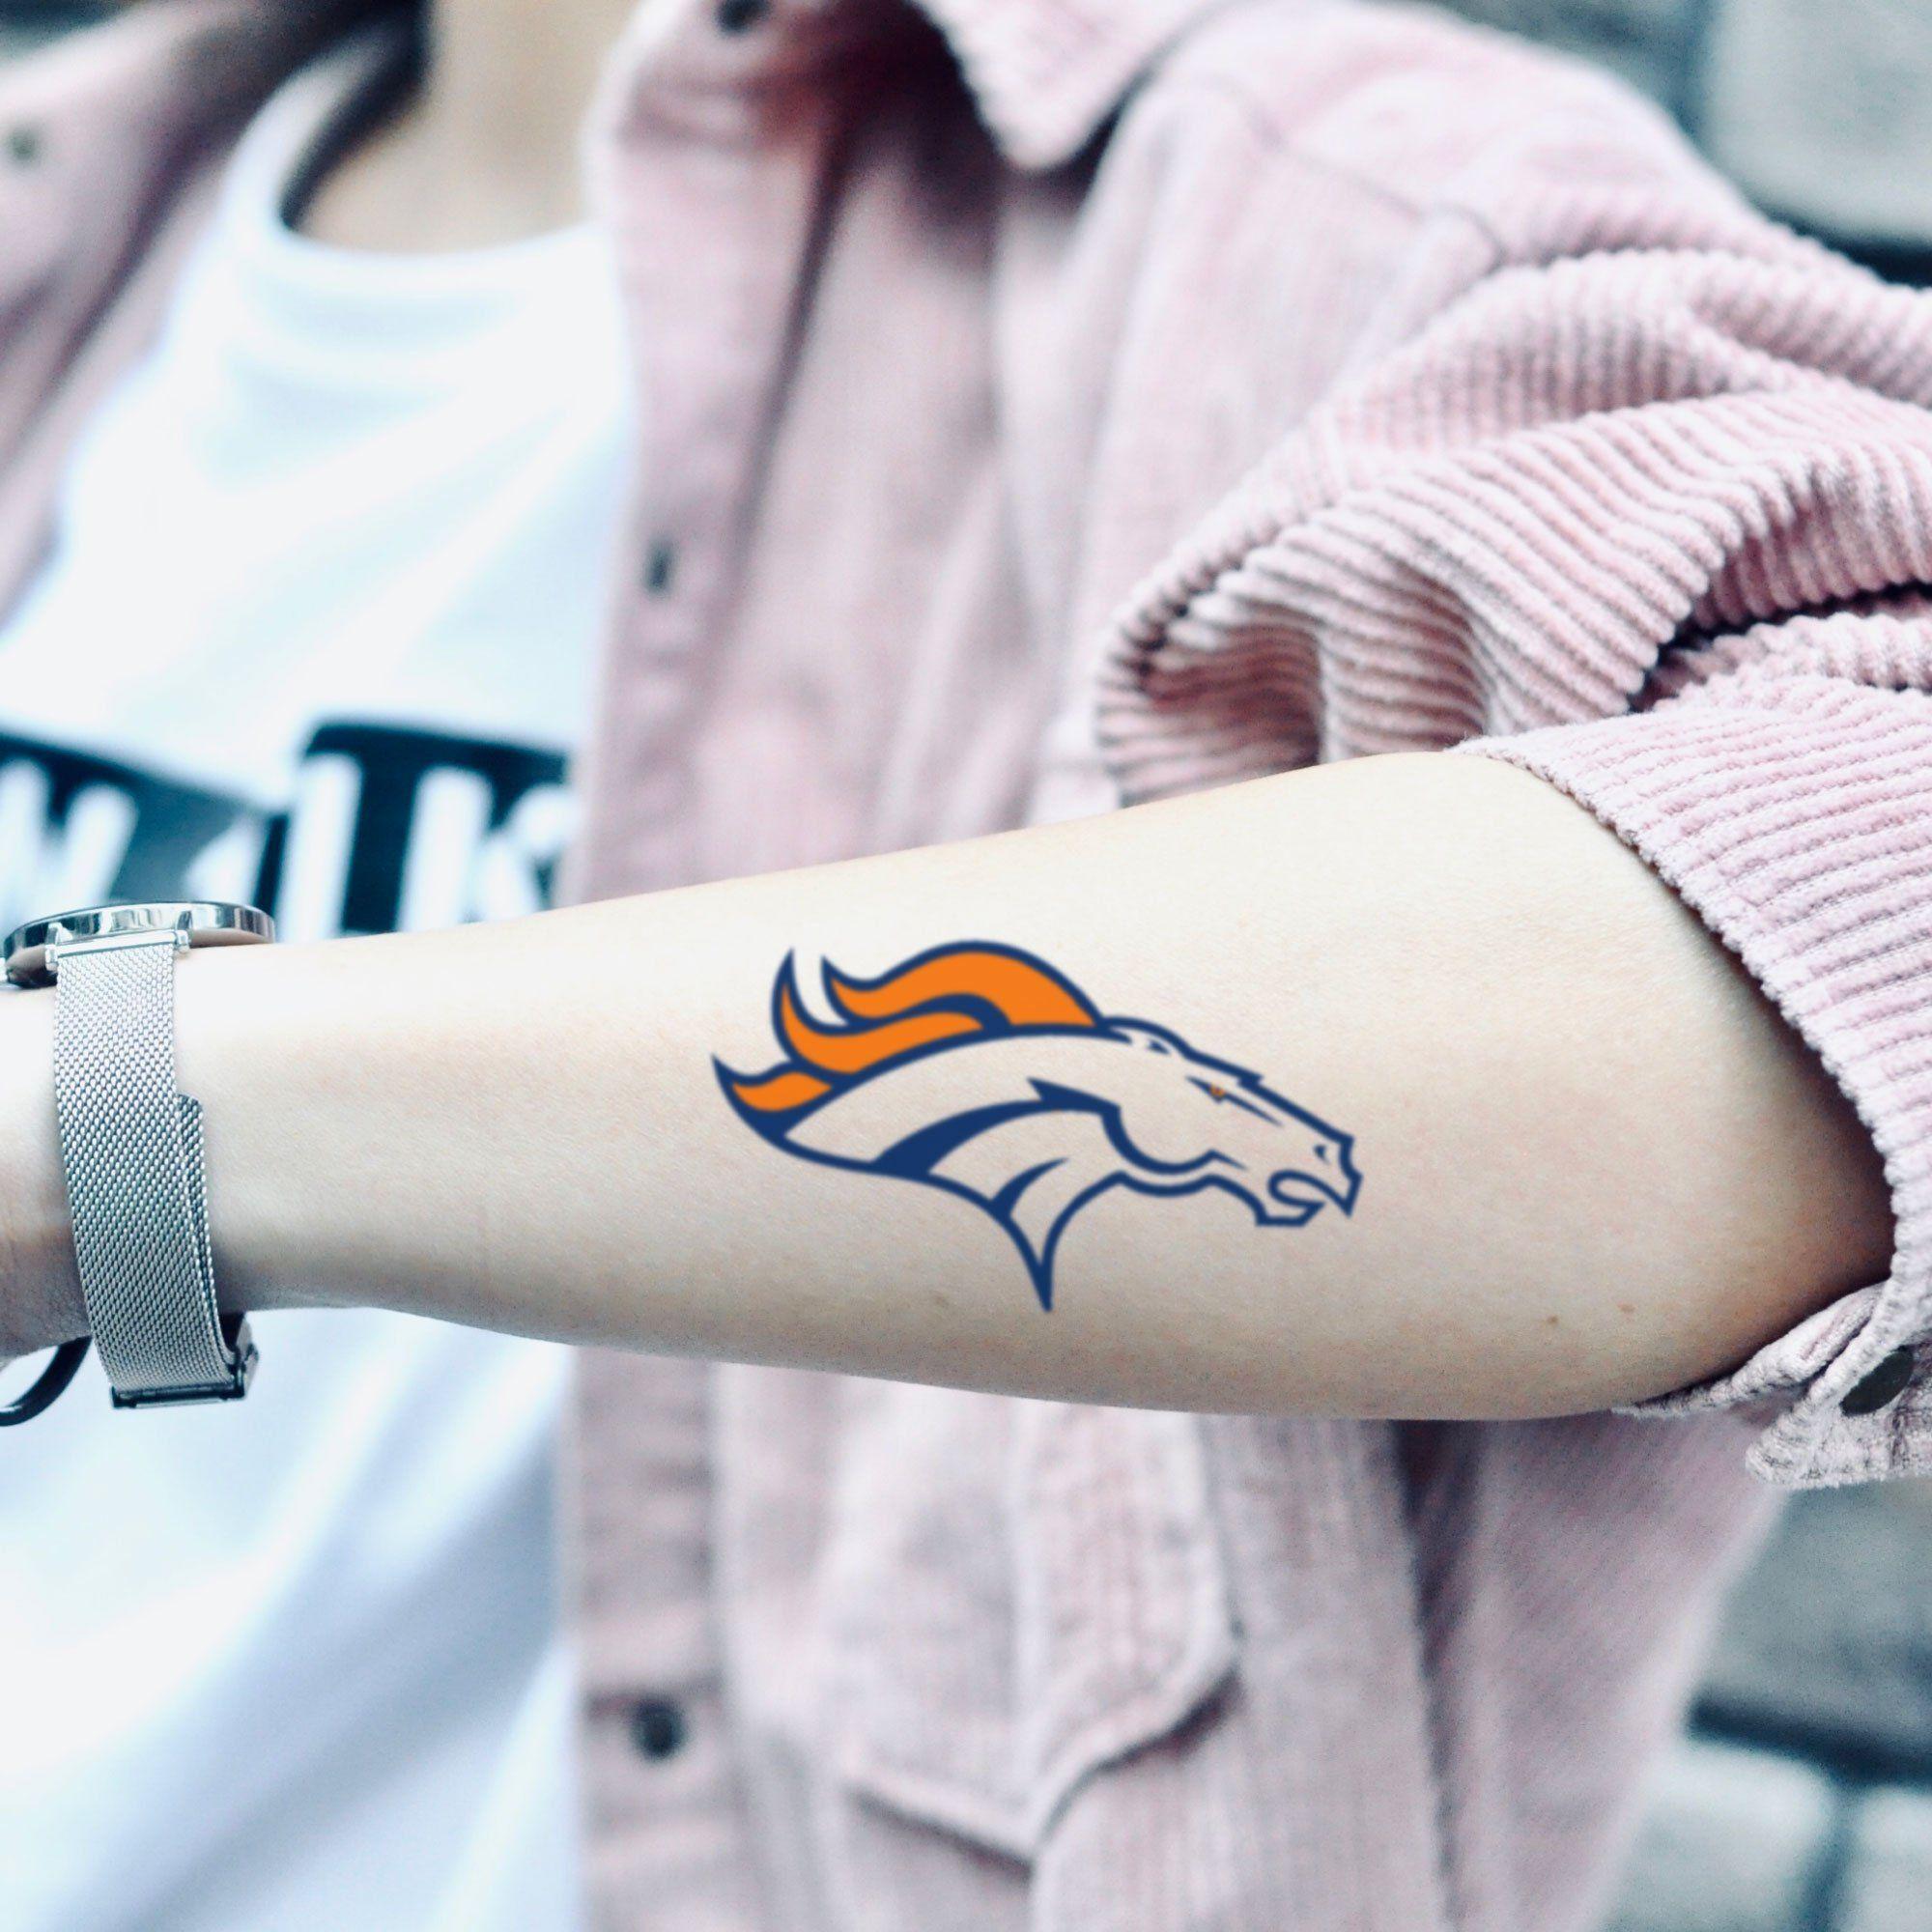 Denver Broncos Temporary Tattoo Sticker Set Of 2 In 2020 Denver Broncos Tattoo Tattoo Stickers Denver Broncos